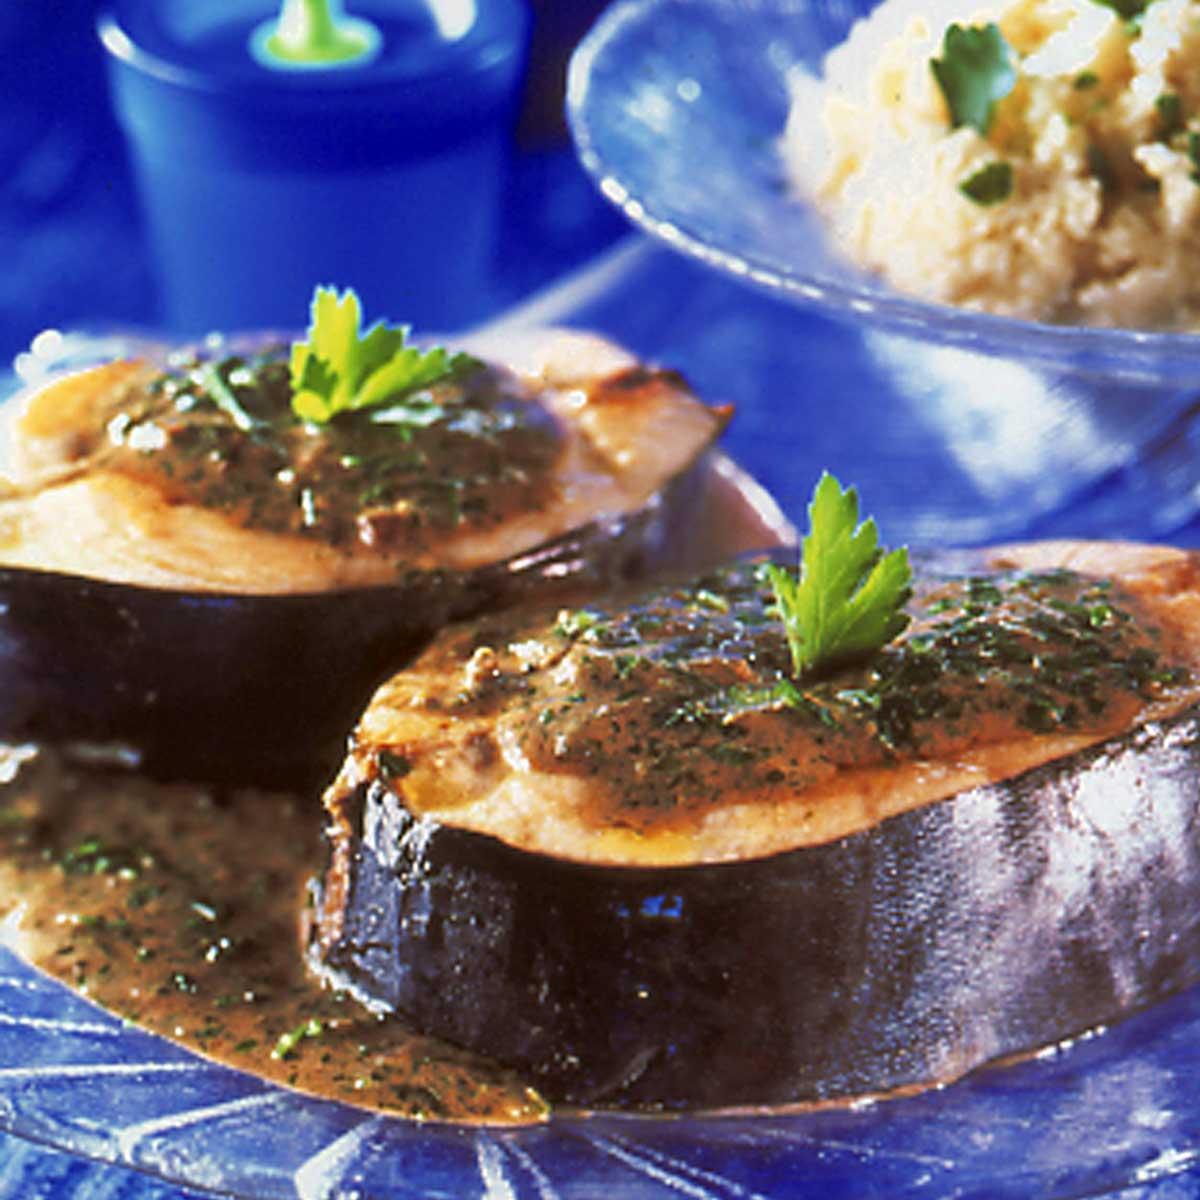 Recette Thon Poêlé Au Beurre De Persil Cuisine Madame Figaro - Cuisiner du thon